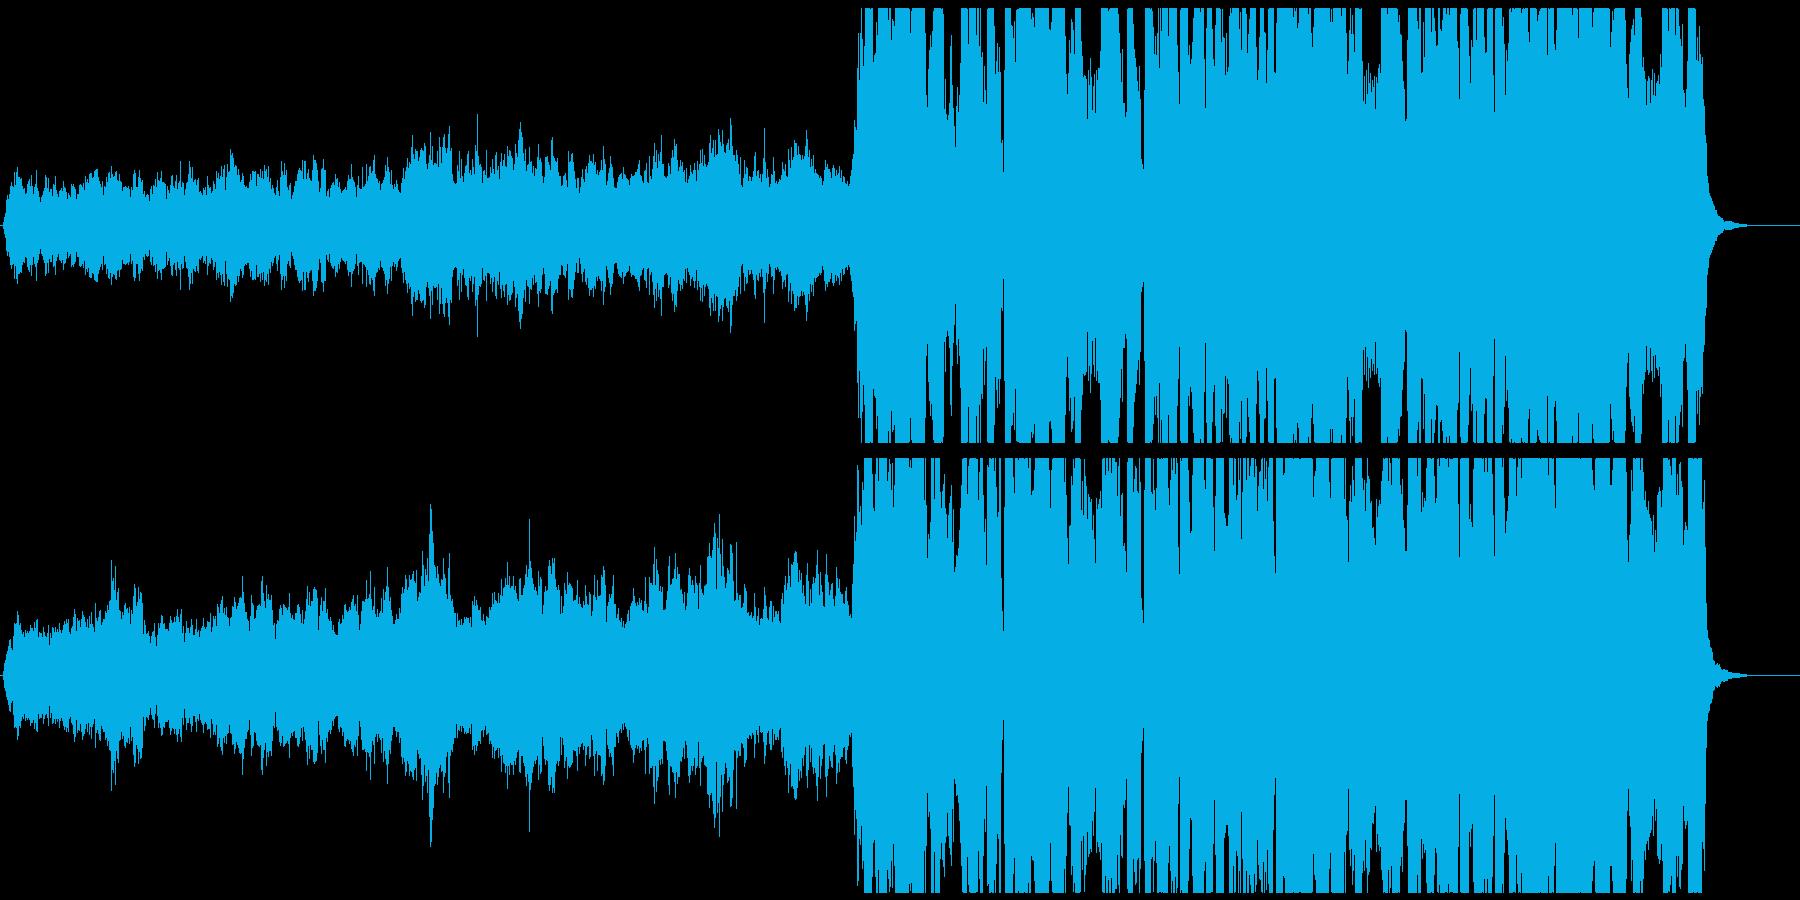 ベートーベン「第九」第四楽章の一部抜粋の再生済みの波形